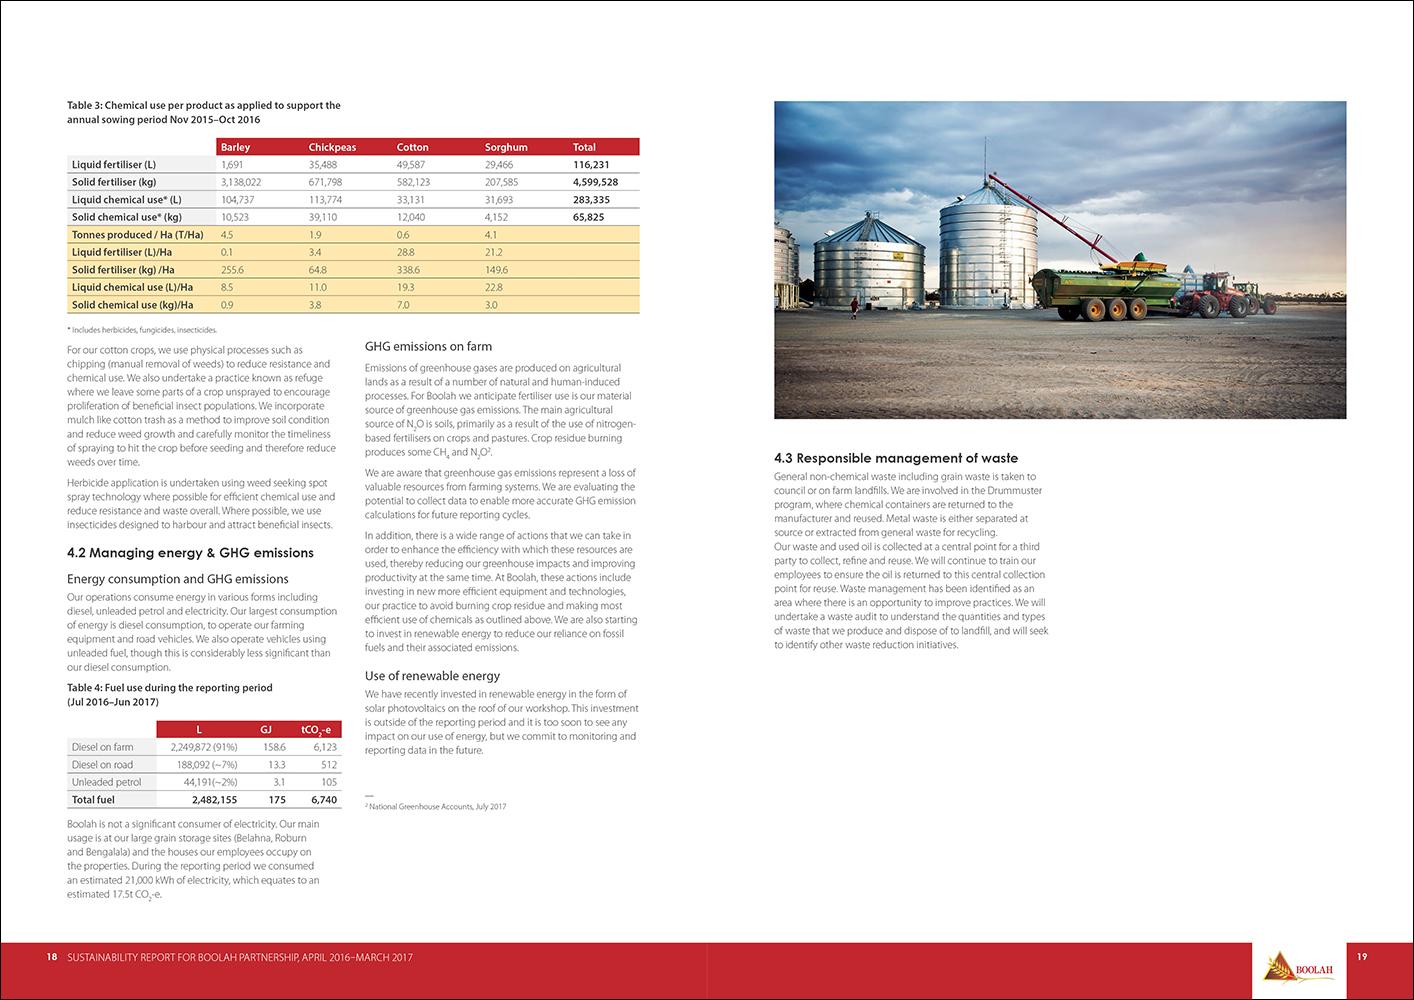 Think-Impact-Boolah-sustainability-report-111.jpg